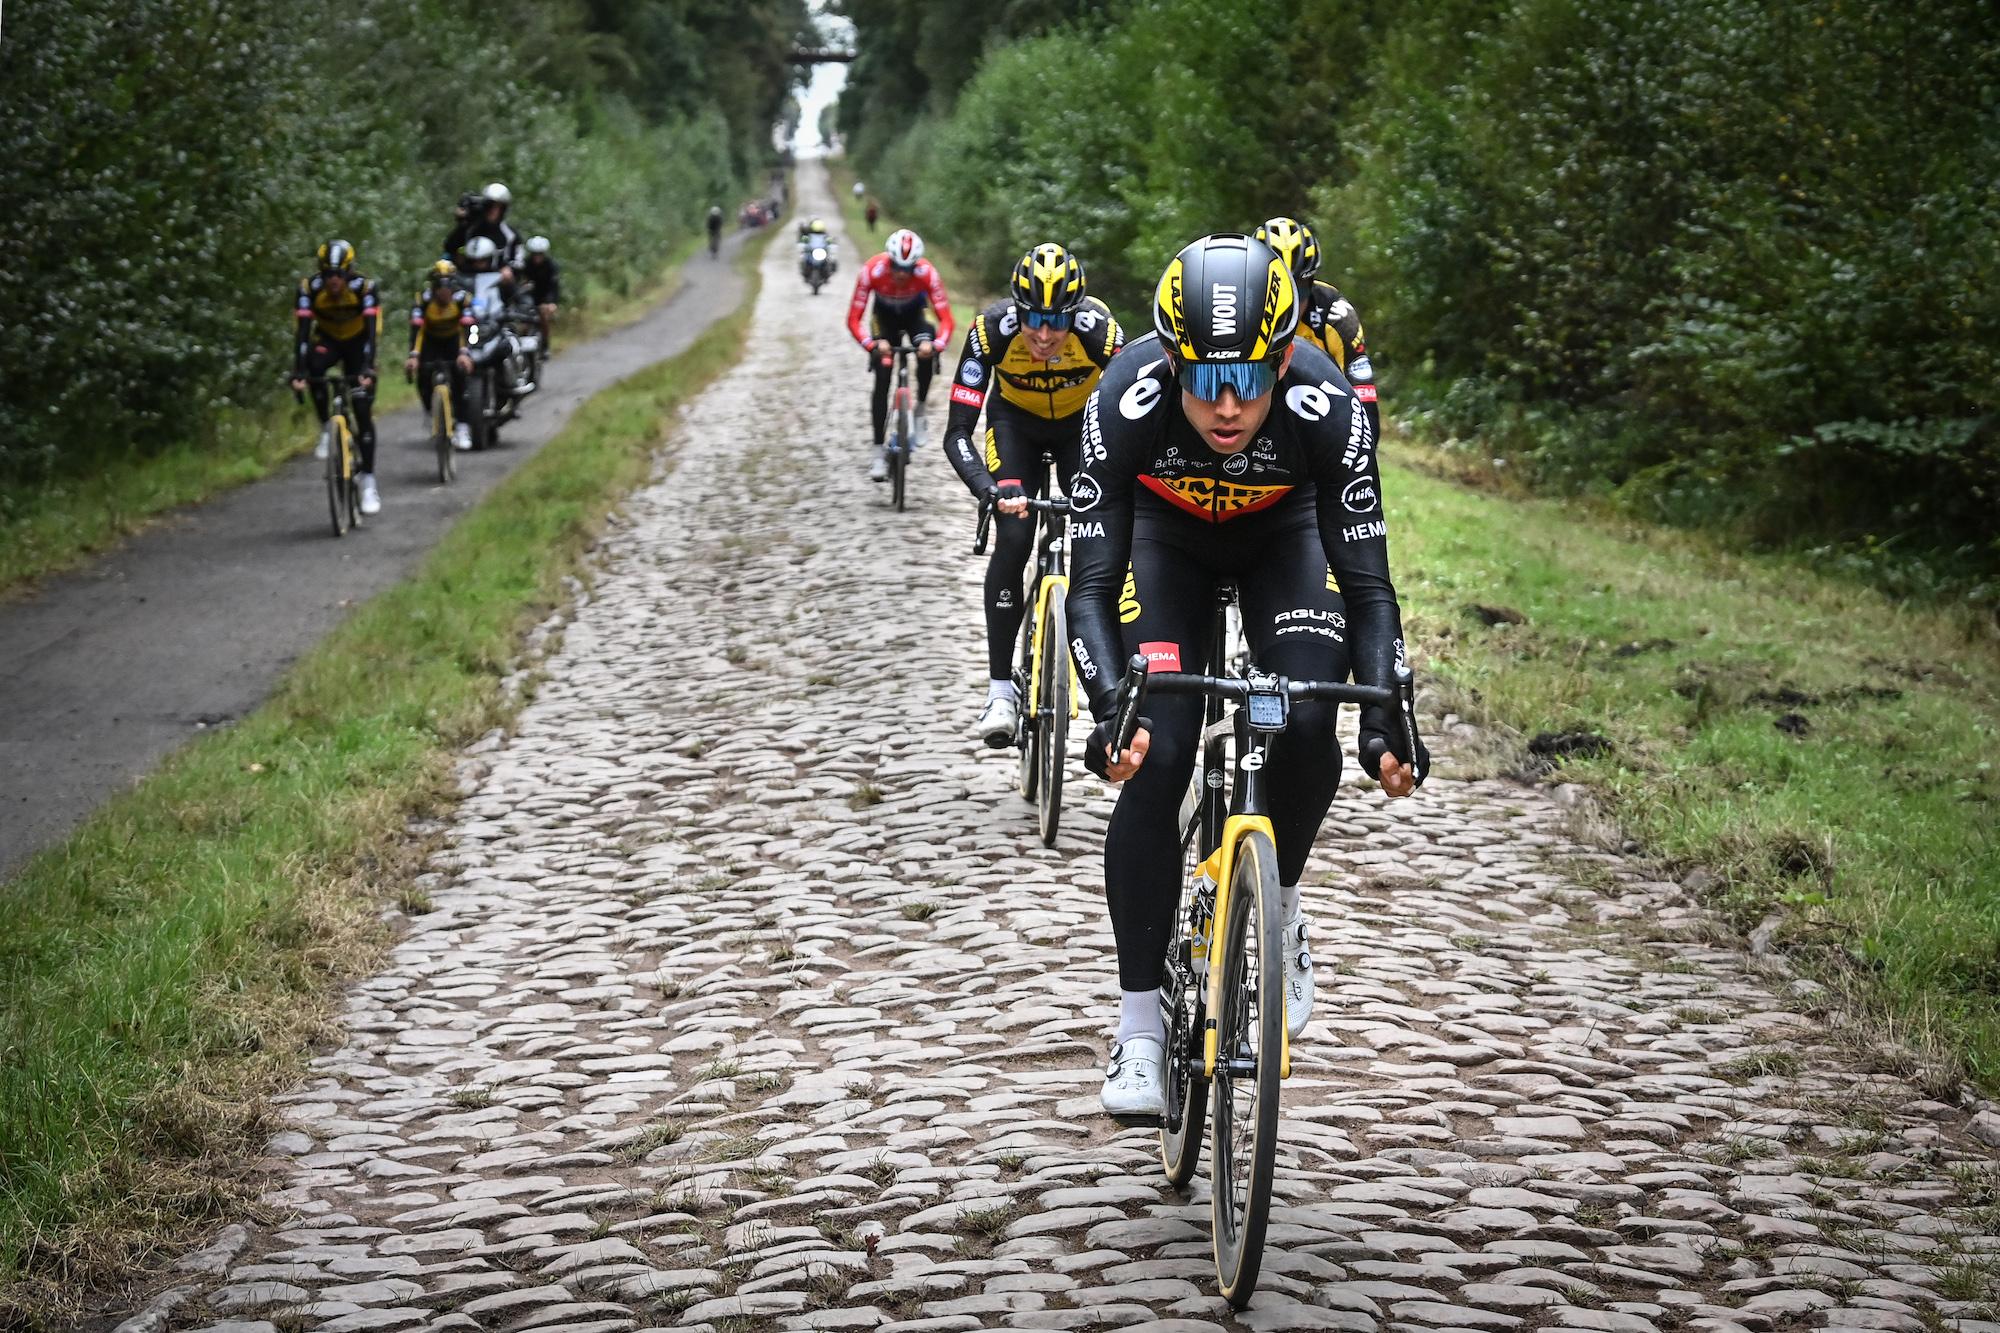 La saga de Wout van Aert y Remco Evenepoel continúa mientras el campeón belga busca recuperarse en Roubaix